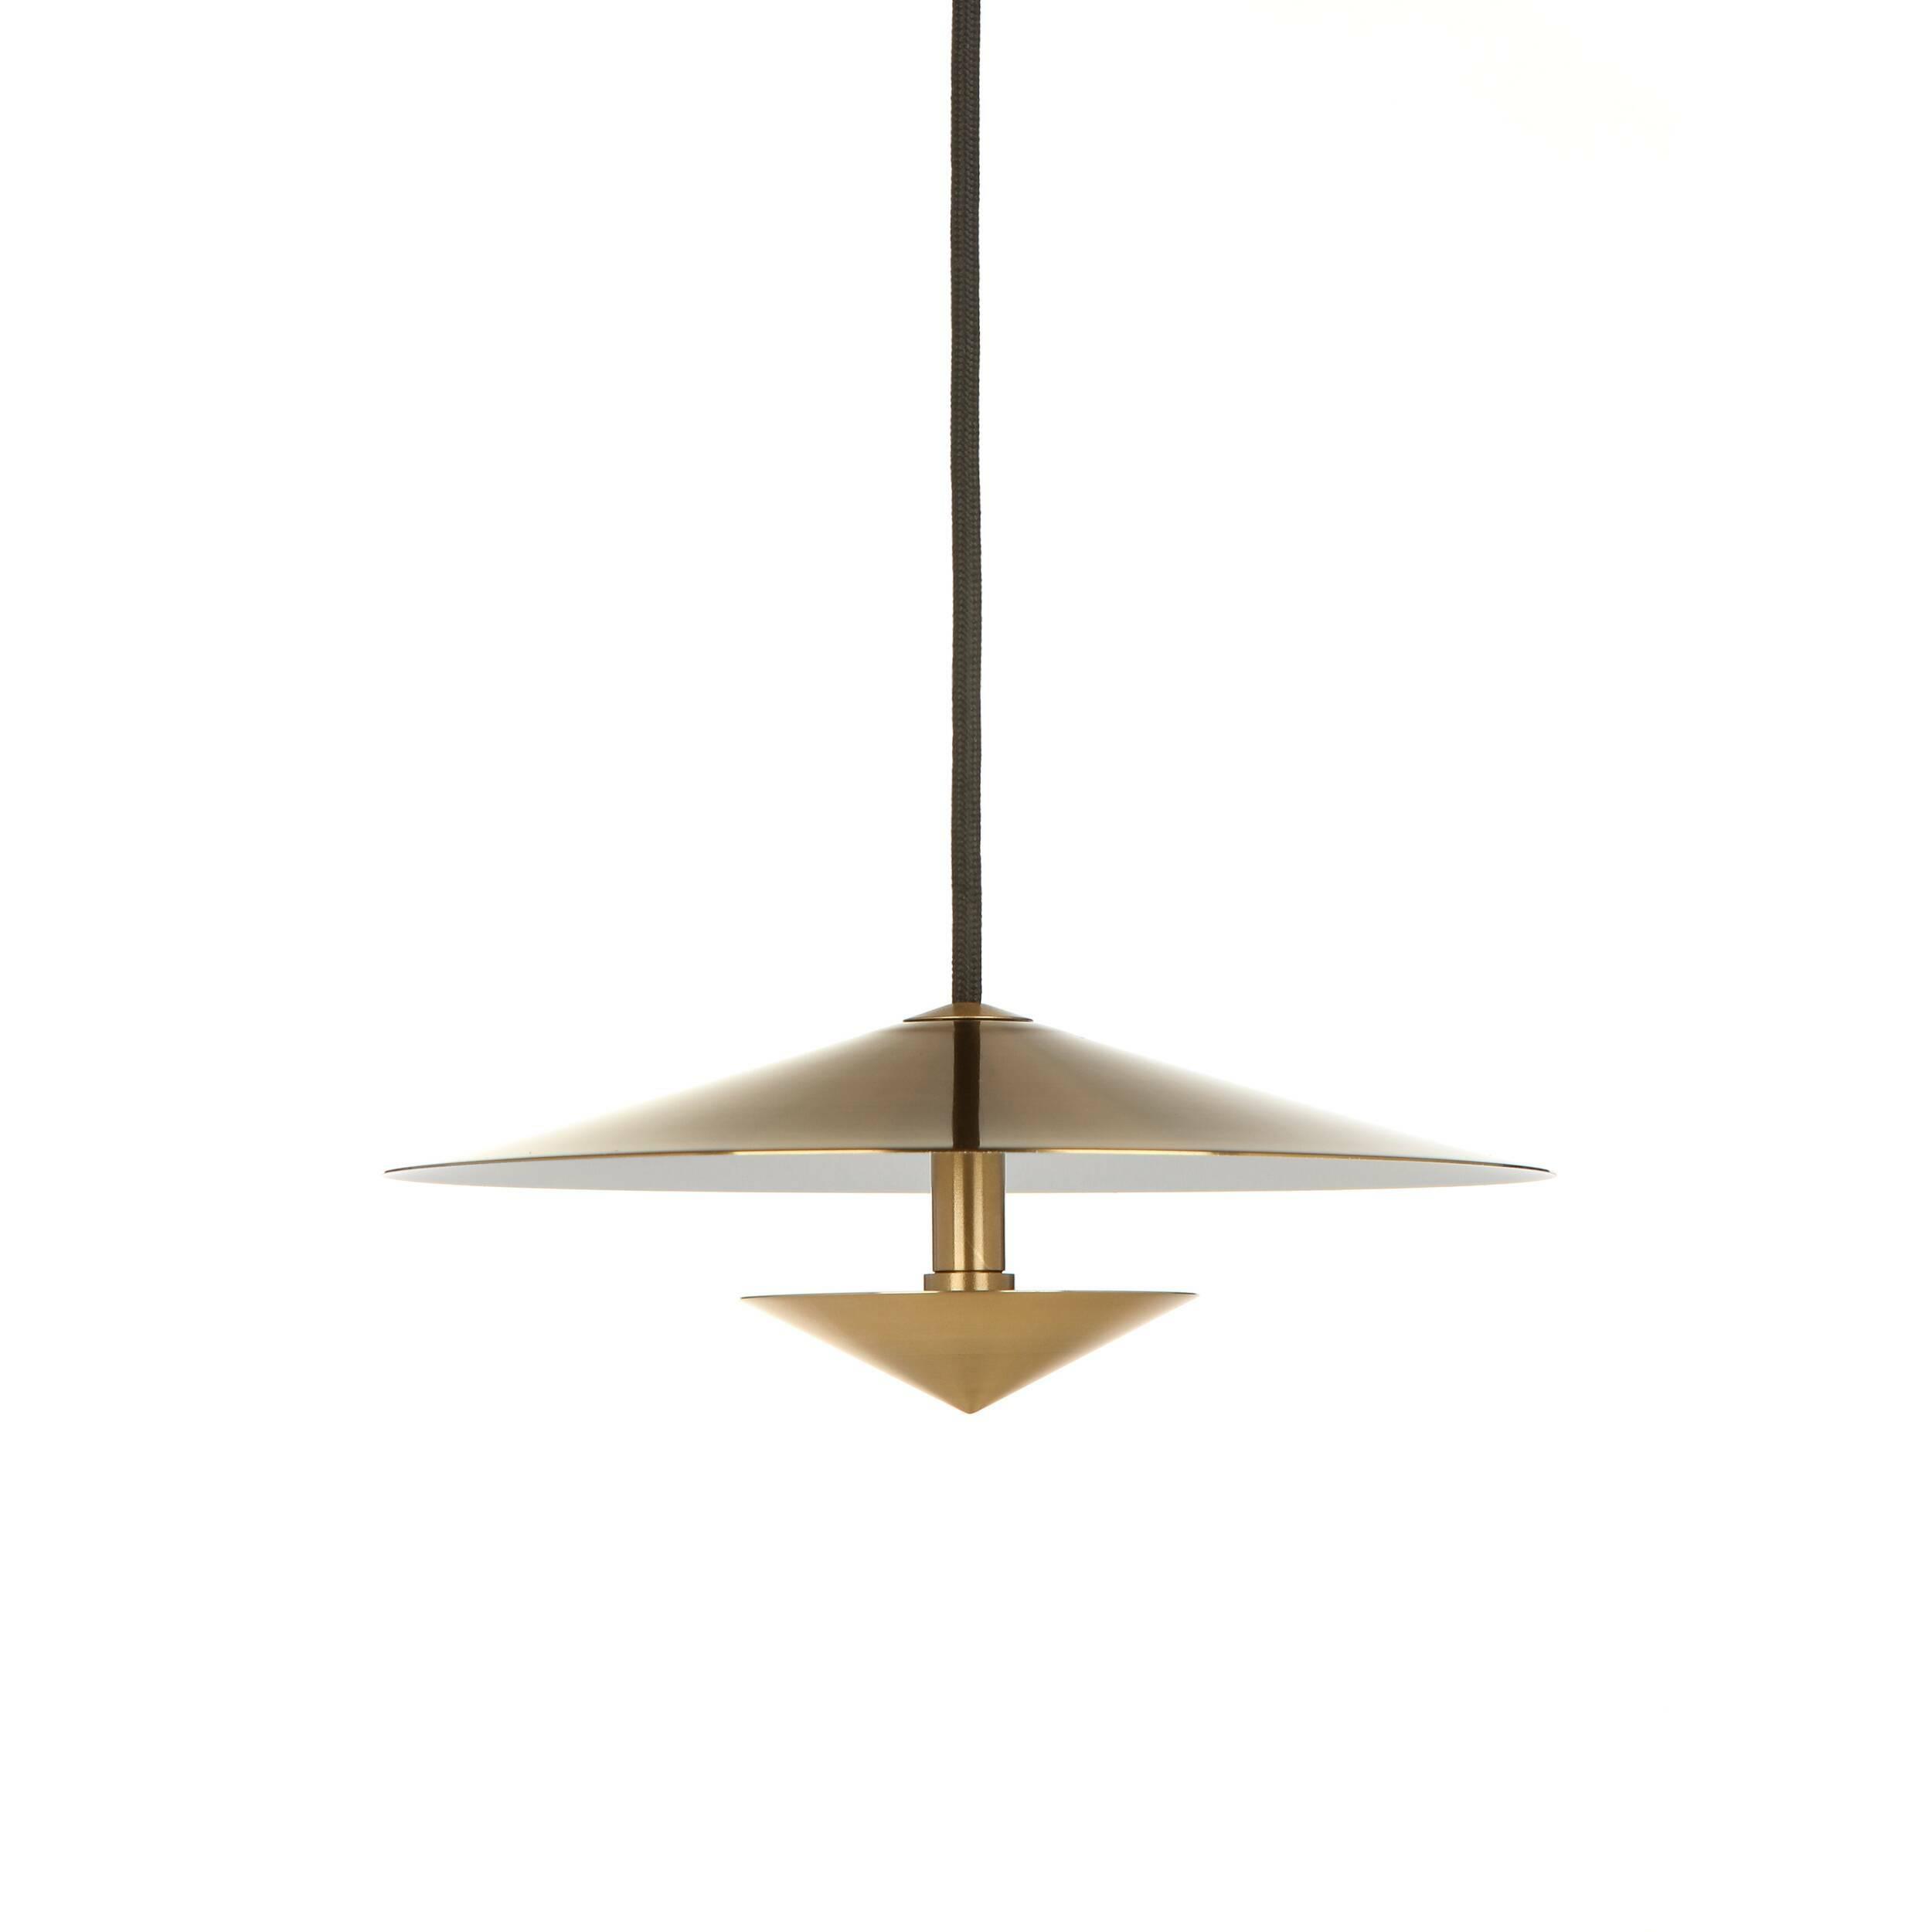 Подвесной светильник IwateПодвесные<br>Одним из самых интересных и экзотичных интерьерных стилей без сомнения является японский стиль. Дизайнерский подвесной светильник Iwate (Ивате) выполнен именно в этом необычном формате – в его основе сдержанность, минимализм, стремление к гармонии и утонченной красоте.<br><br><br> Модель изготавливается мастерами из наиболее прочных и надежных материалов – стали и алюминия. При этом изделие выглядит очень мягко и элегантно, это достигается благодаря уникальному дизайну и красивейшему золотому ...<br><br>stock: 9<br>Высота: 9<br>Диаметр: 25<br>Доп. цвет абажура: Белый<br>Материал абажура: Алюминий<br>Материал арматуры: Сталь<br>Мощность лампы: 12<br>Напряжение: 200-240<br>Теплота света: 3000<br>Тип лампы/цоколь: LED<br>Цвет абажура: Золотой<br>Цвет арматуры: Золотой<br>Цвет провода: Черный